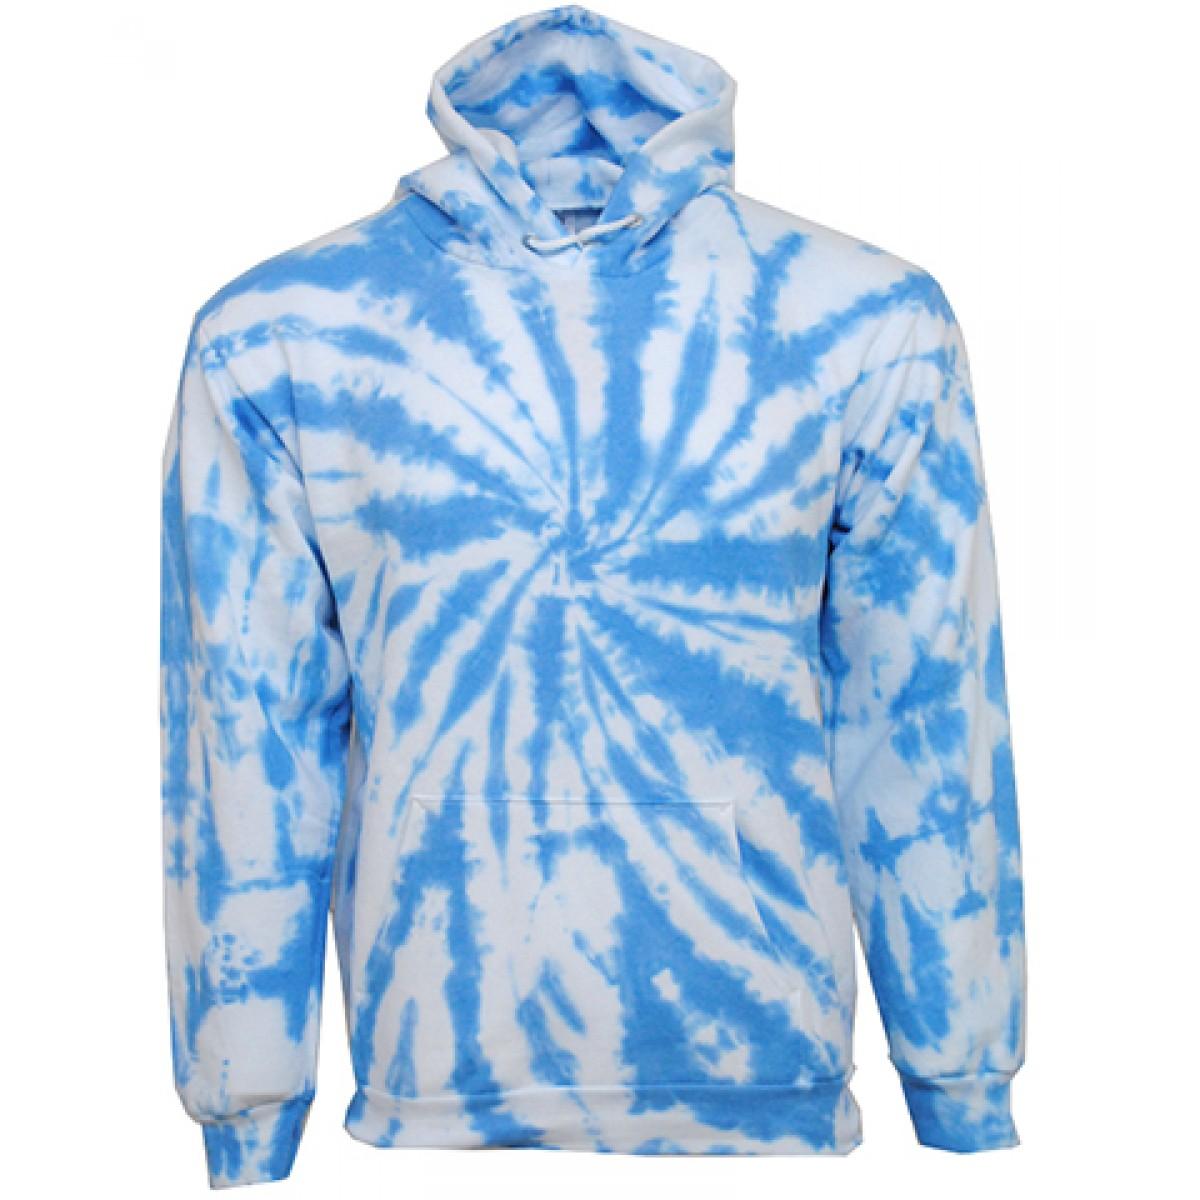 Tie die Blue Hooded Sweatshirt  50/50 Heavy Blend